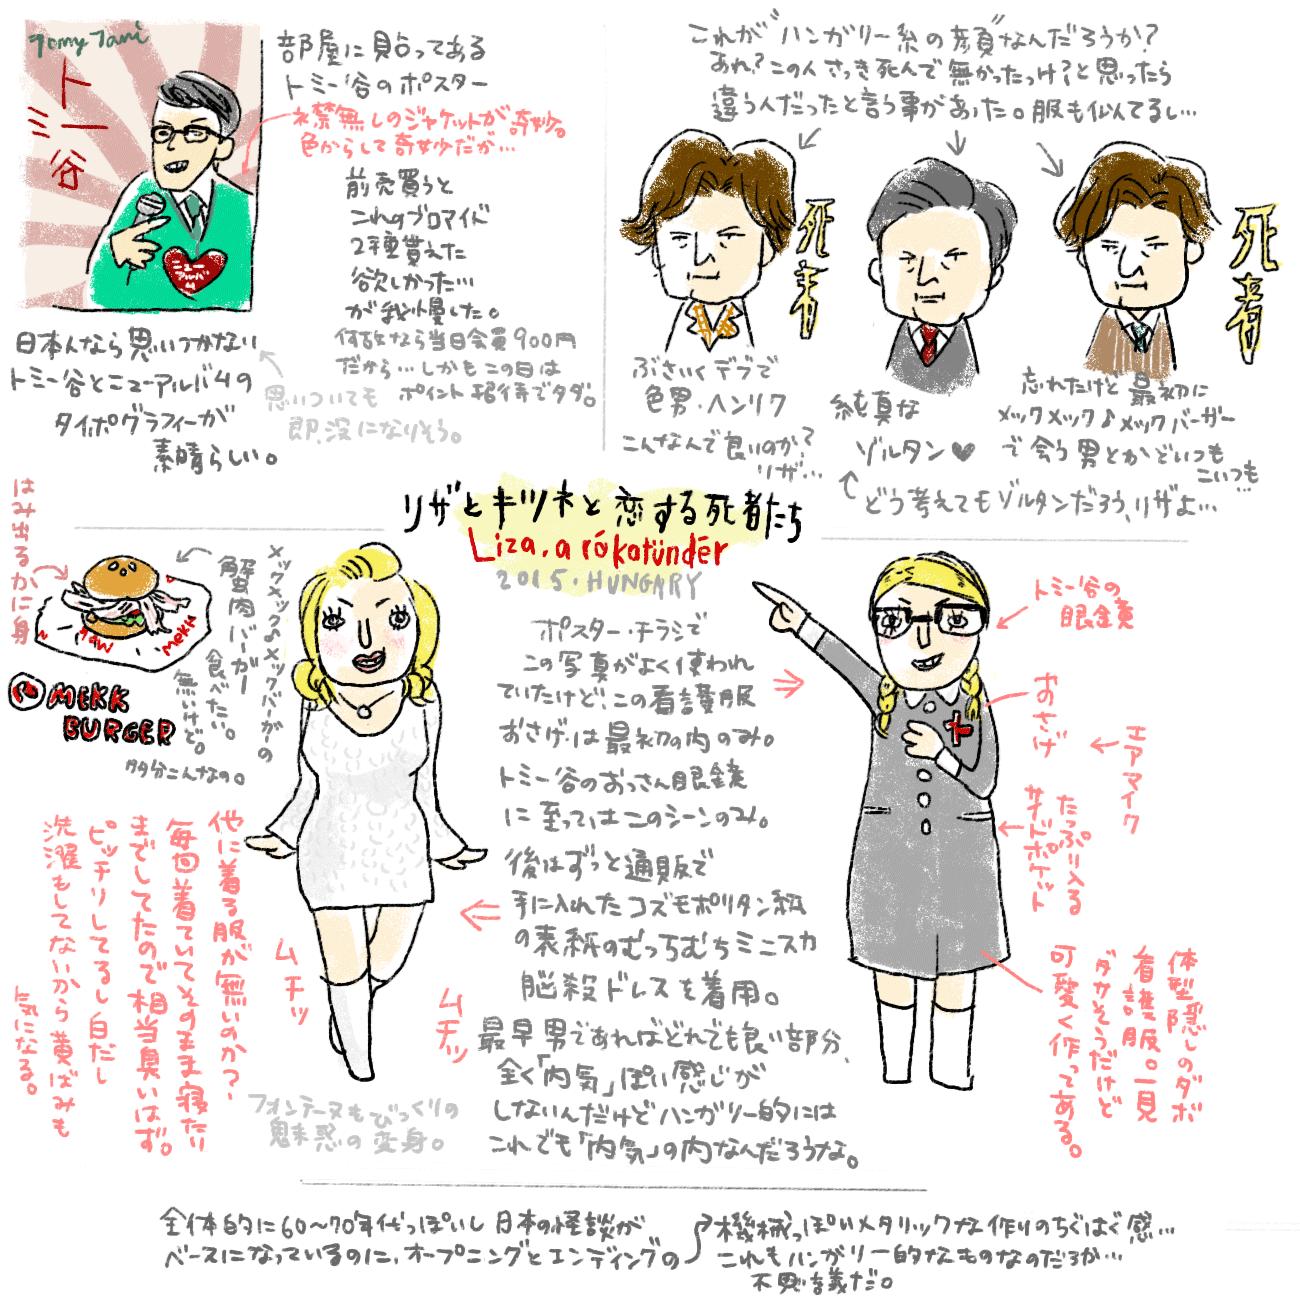 f:id:yukiyo_m:20160515193620p:plain